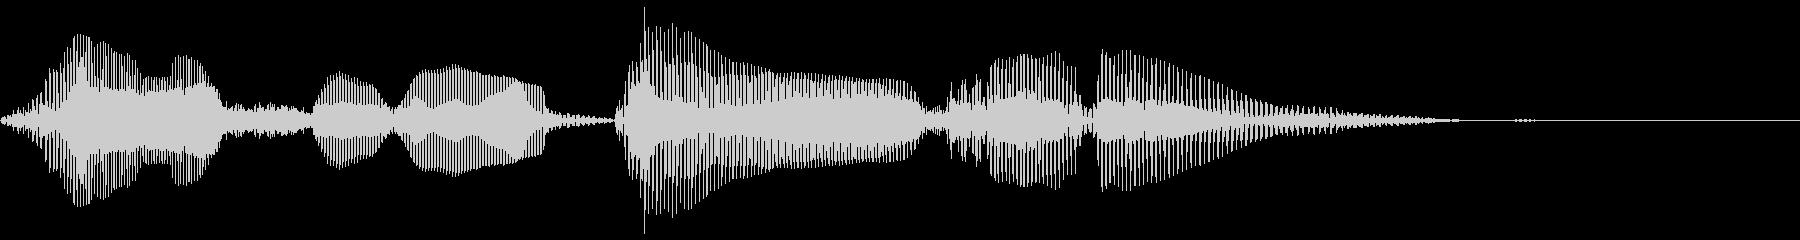 今すぐダウンロード!'s unreproduced waveform